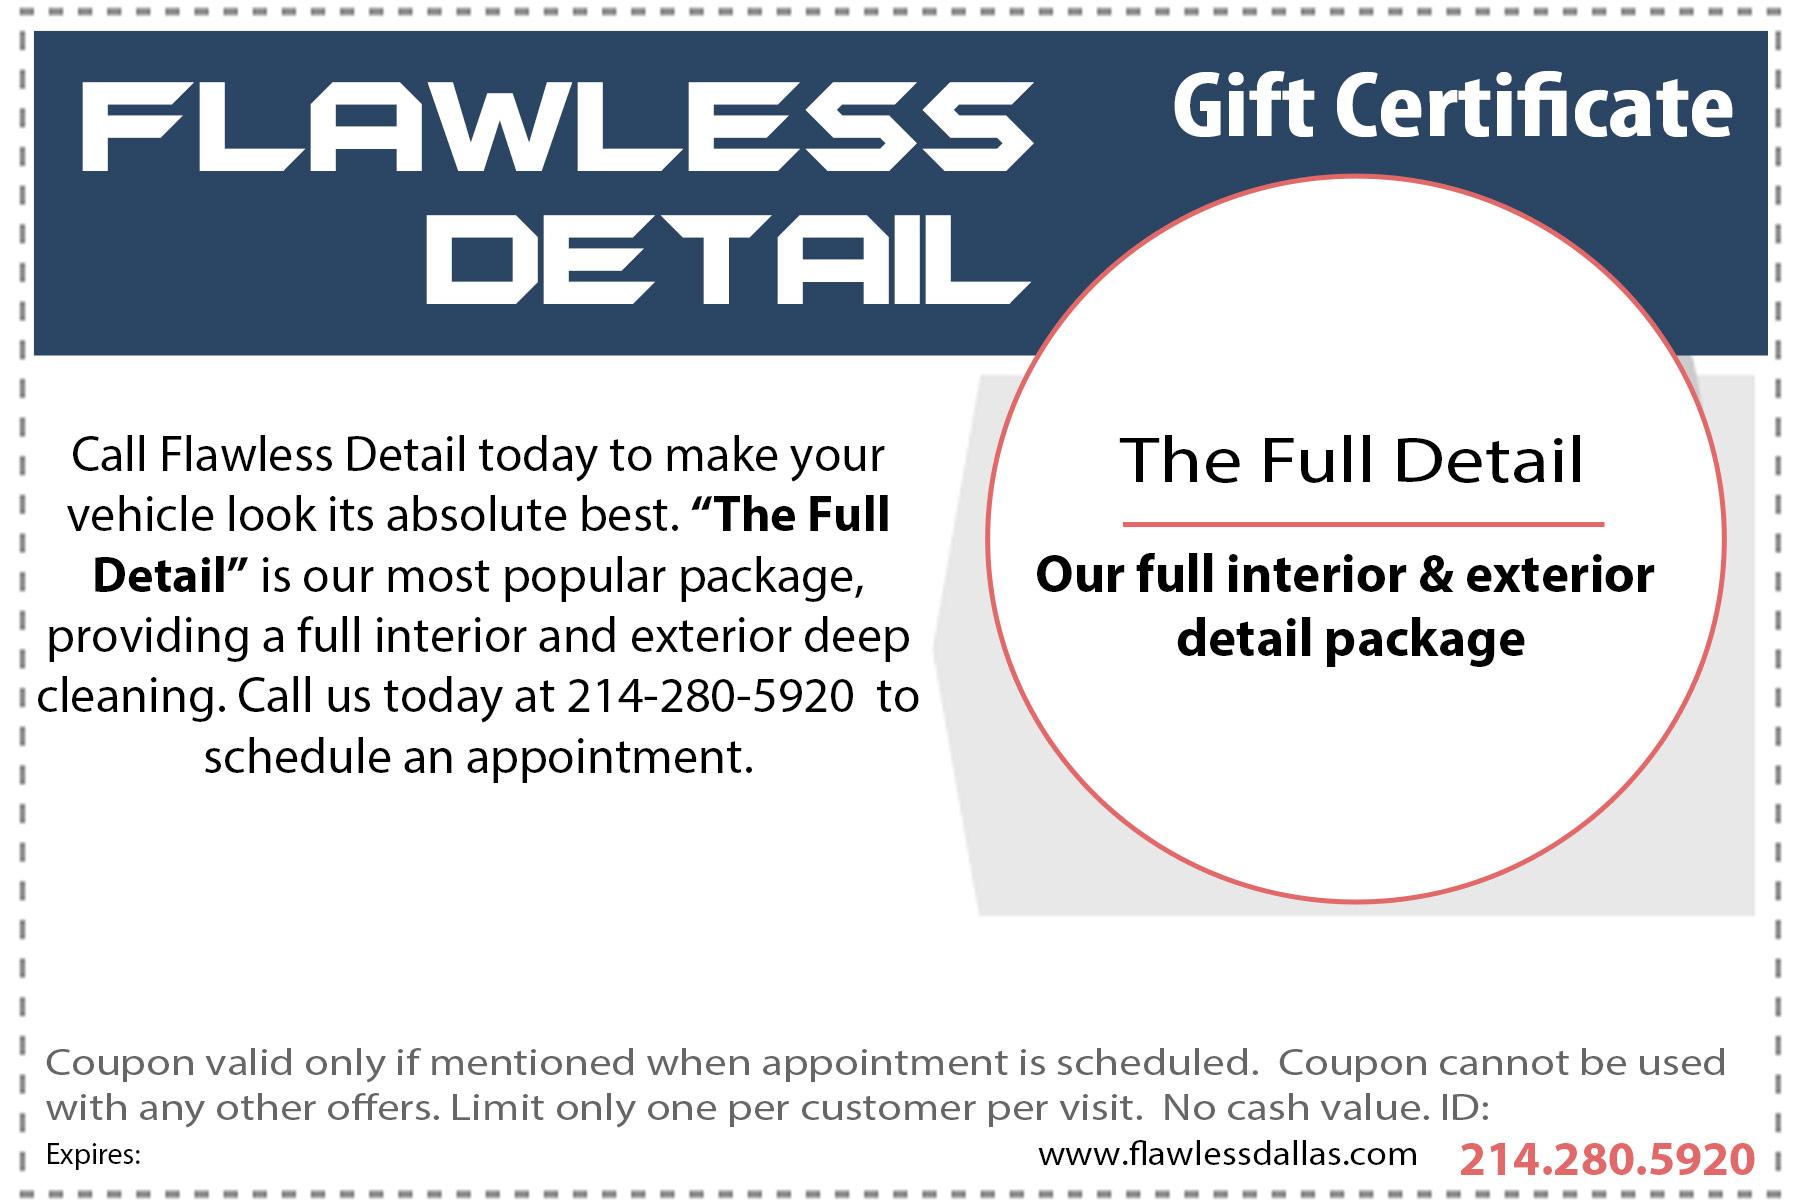 Full Detail Gift Certificate